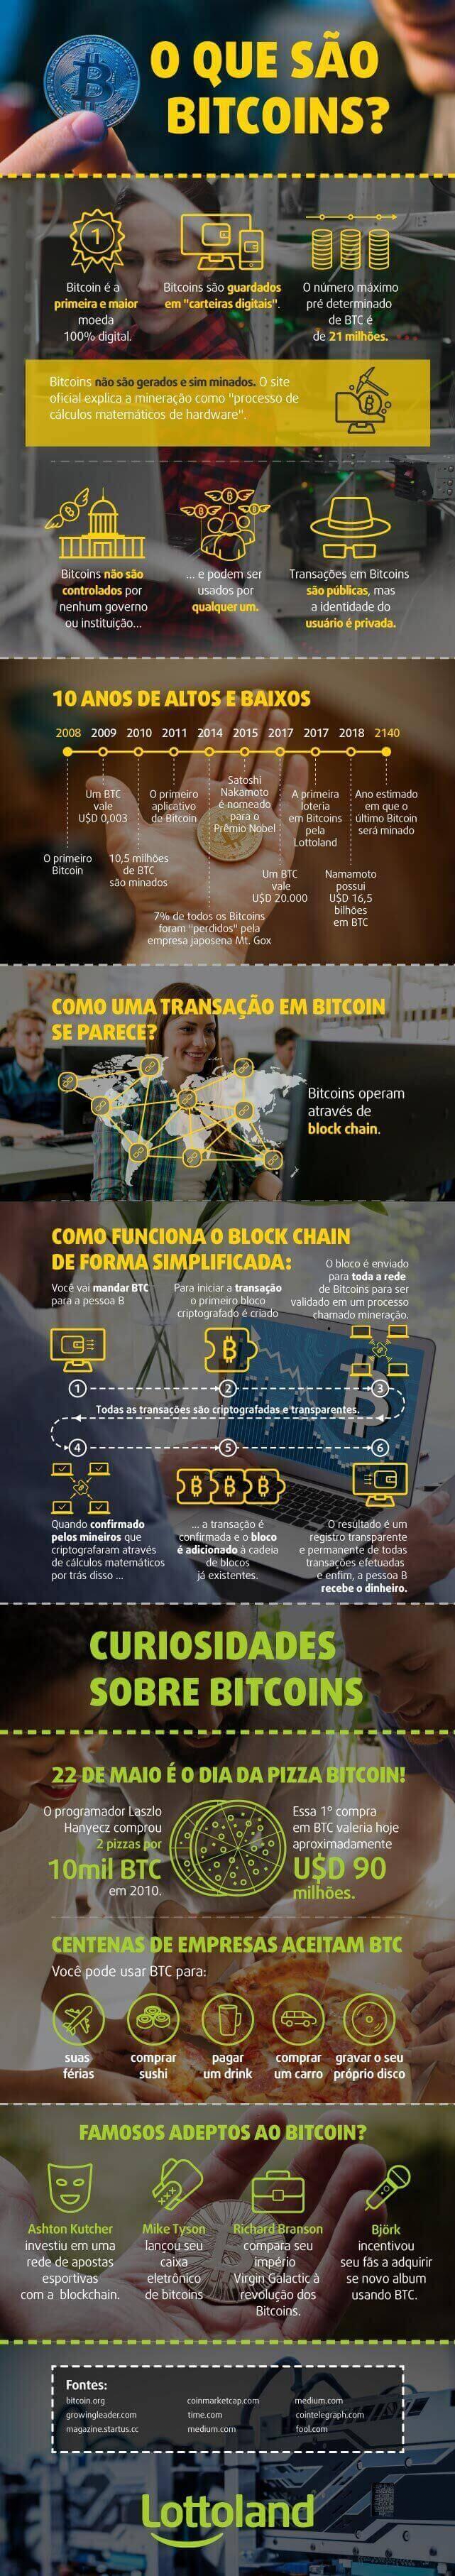 Mercado bitcoin loteria jogo 488506